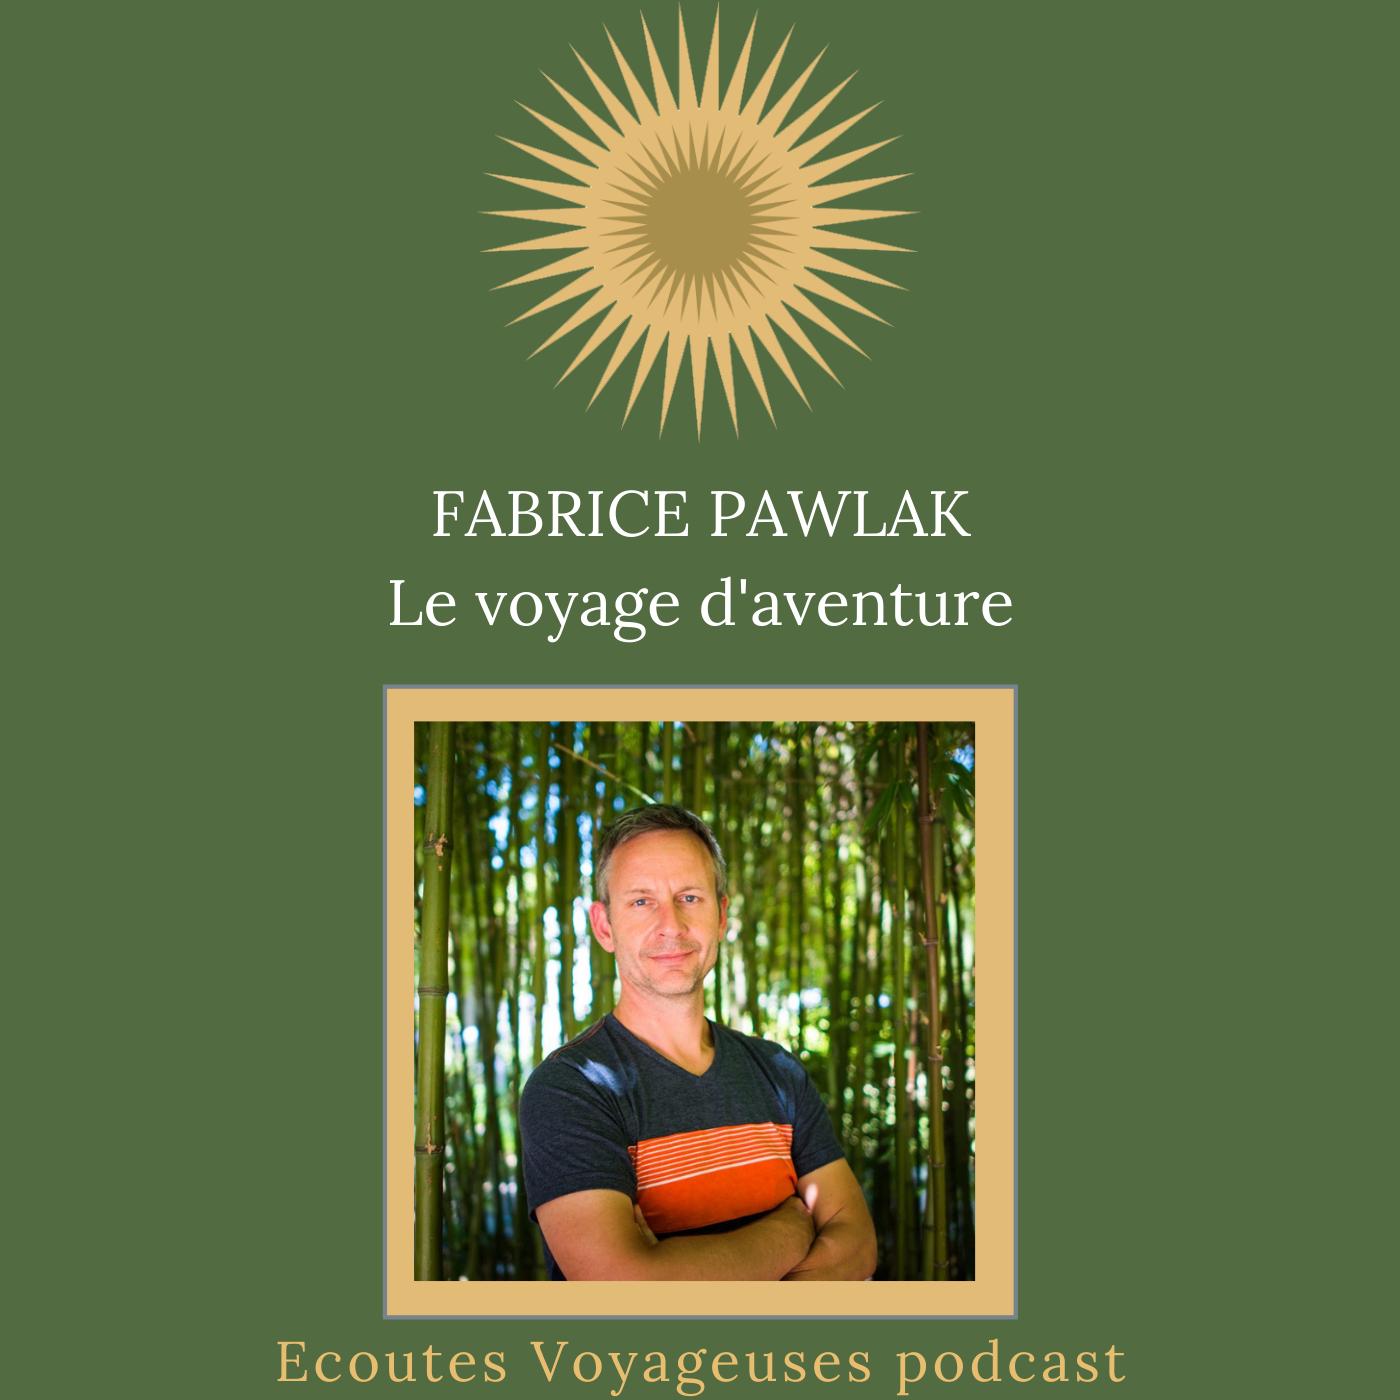 Fabrice Pawlak, le voyage d'aventure-partie 2